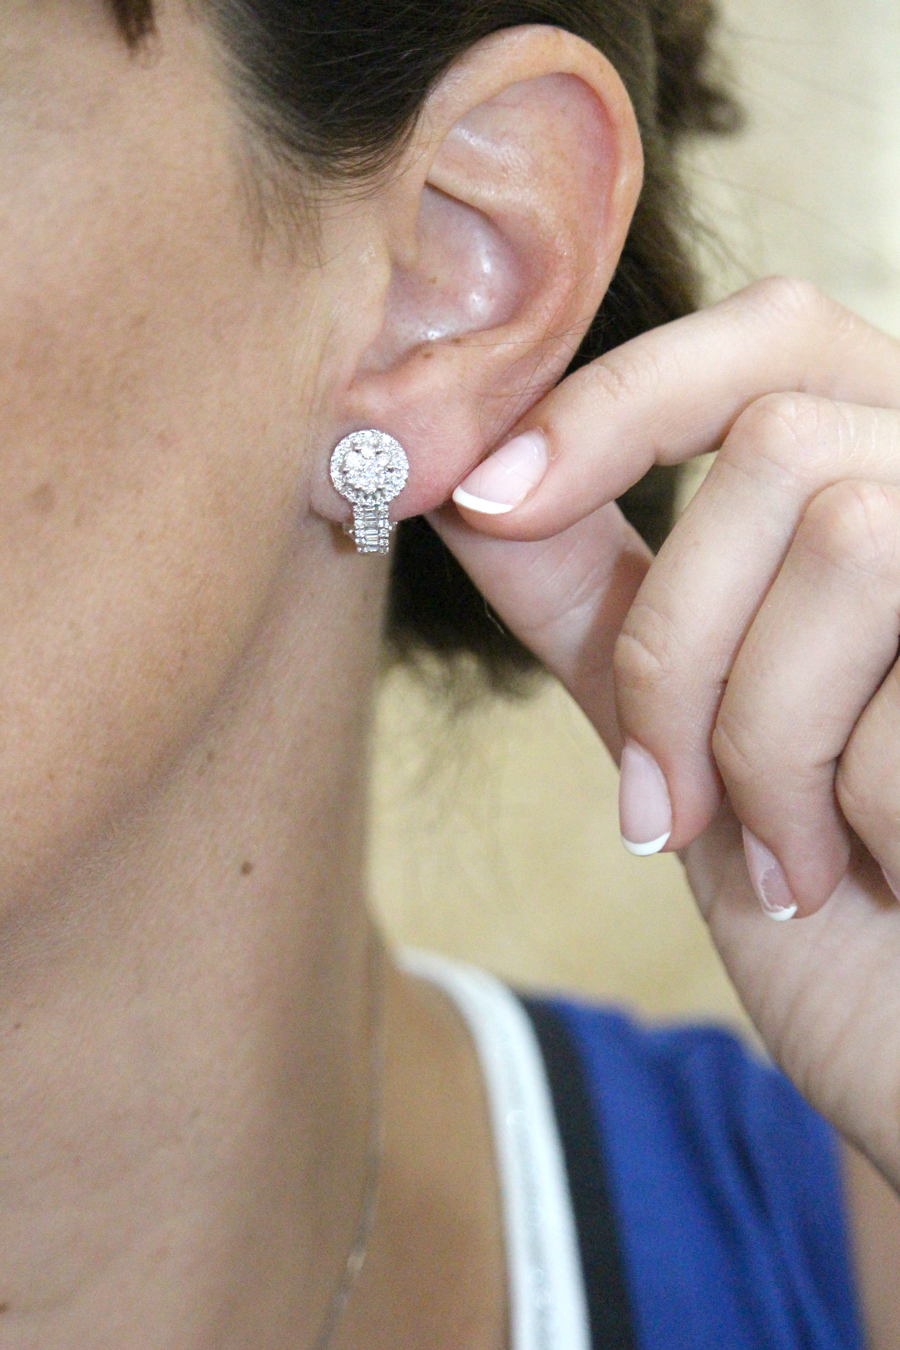 donde comprar pendientes roseton diamantes alicante - pendientes oro alicante - joyeria marga mira - best jewelries alicante